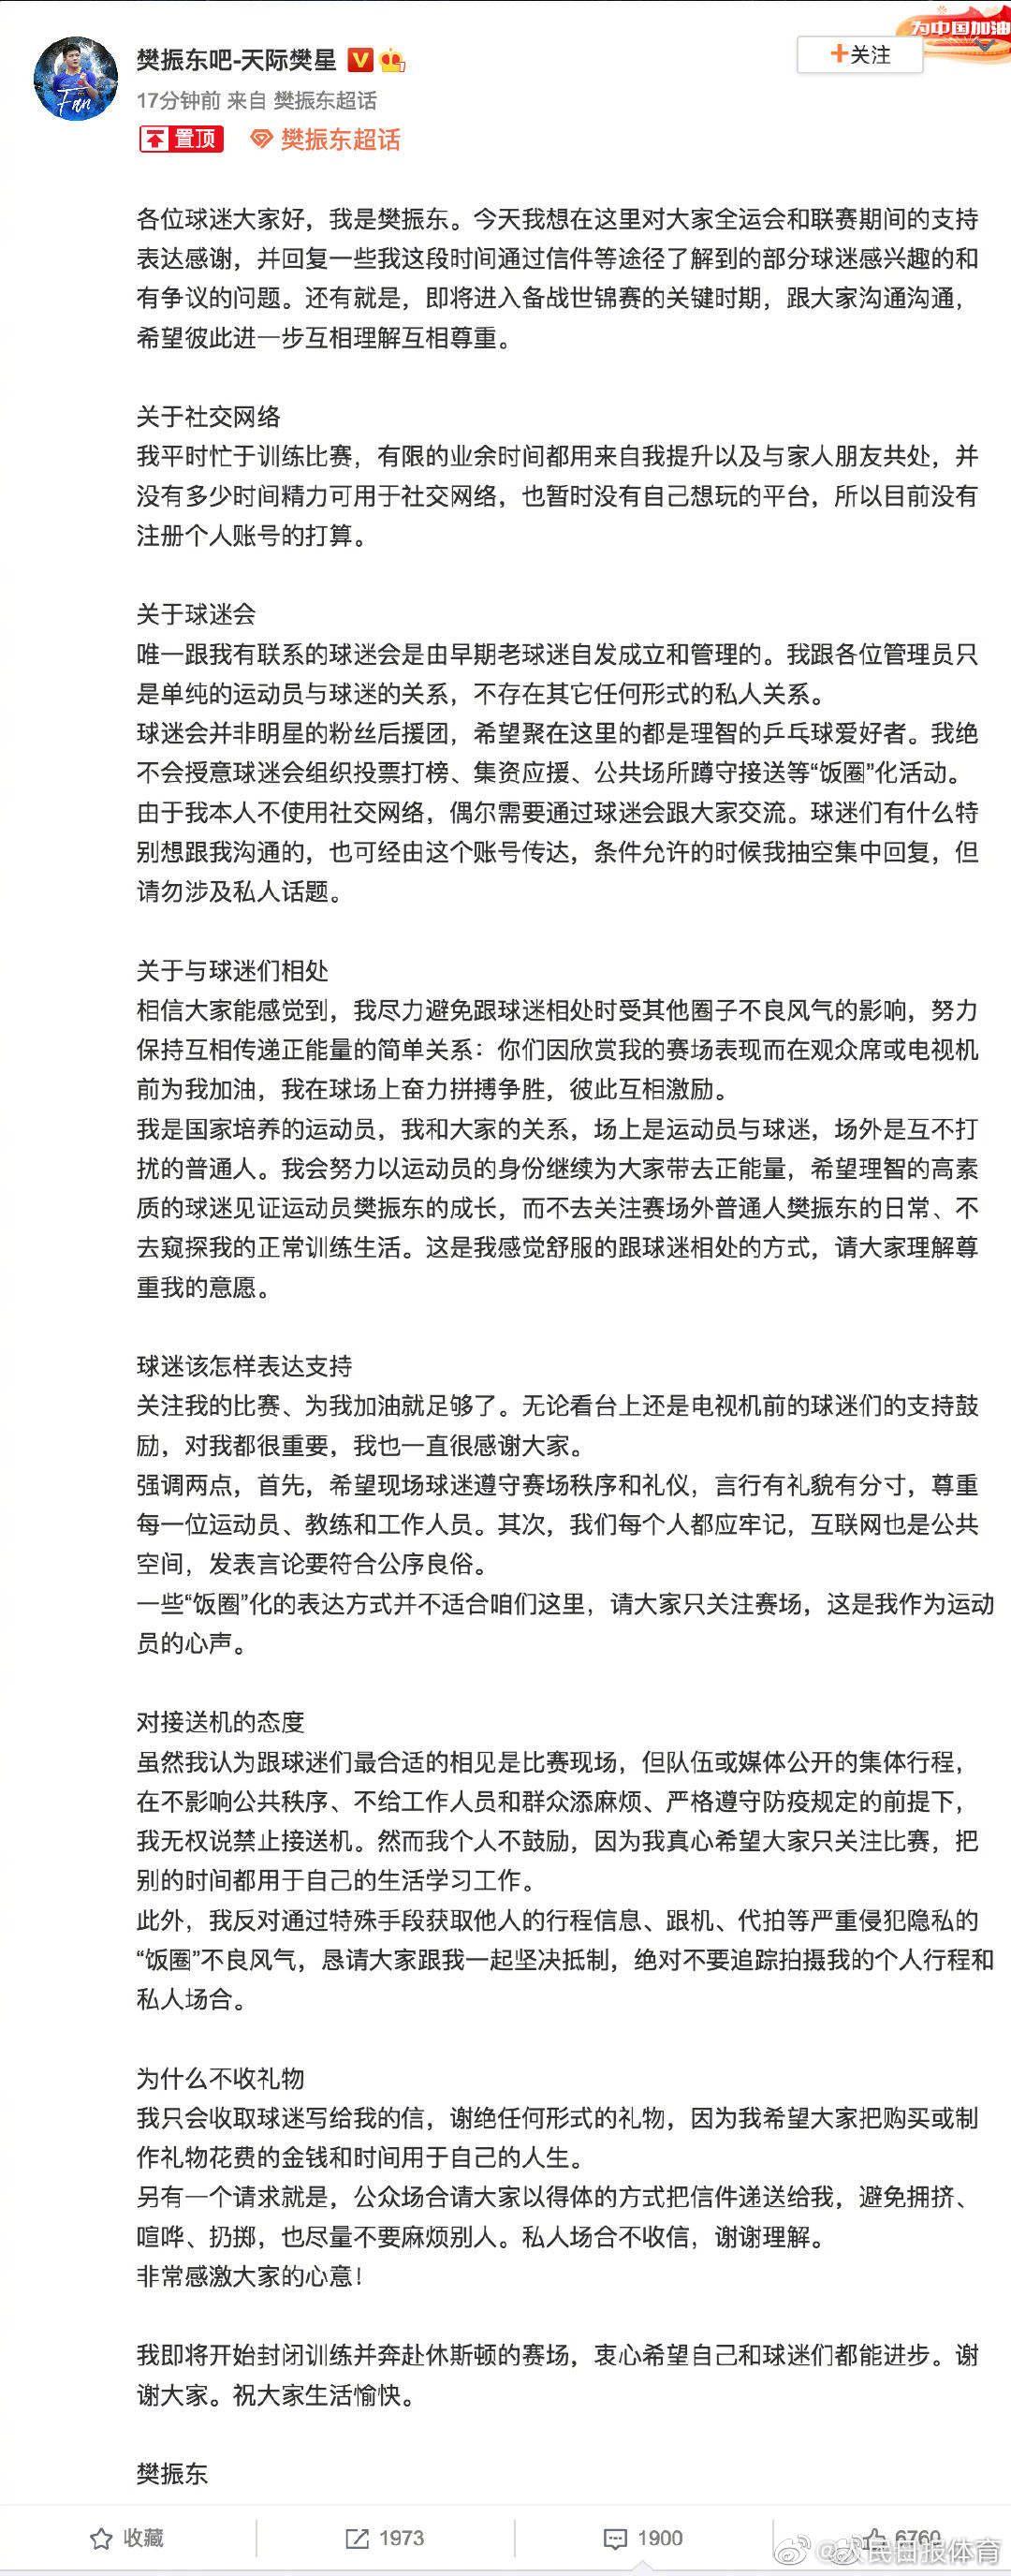 樊振东:没精力注册社媒账号、希望球迷只关注赛场,谢绝